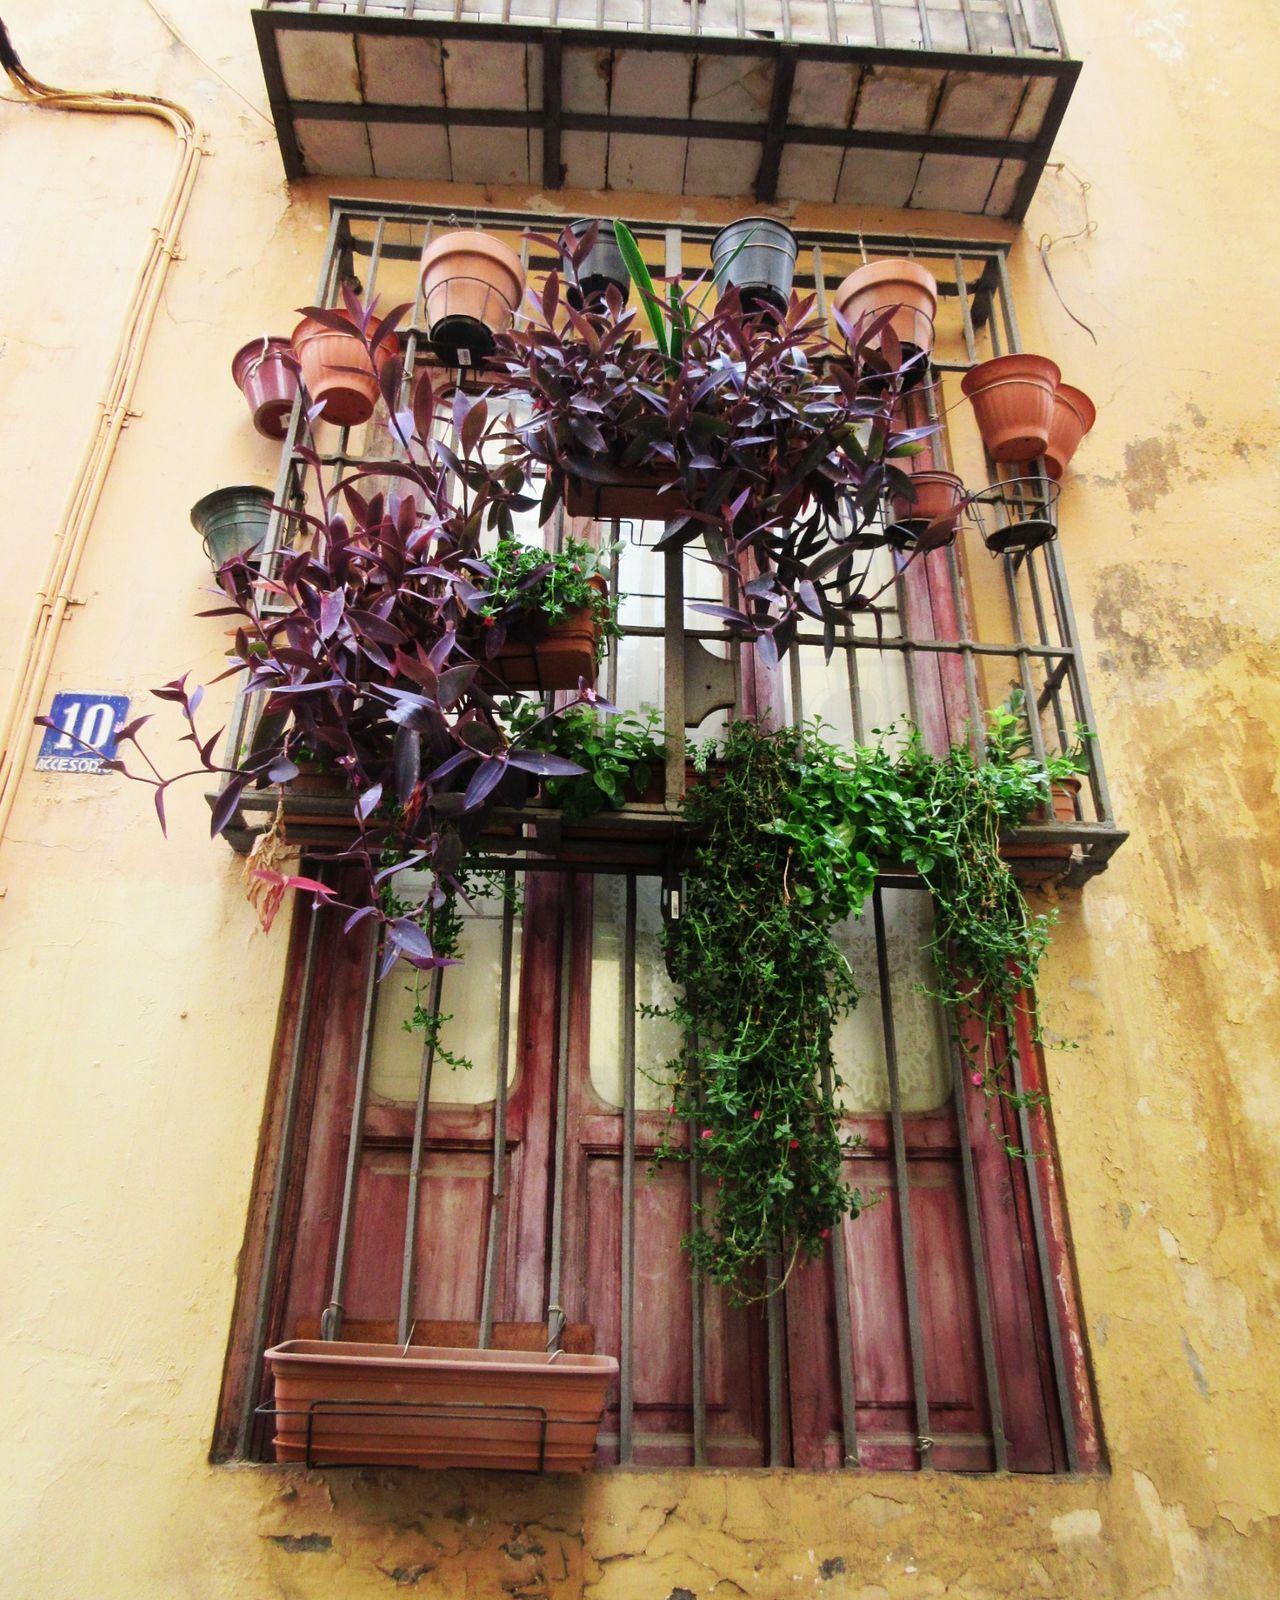 Finestres Ventanas Puertas Y Ventanas Window País De L'olivera Callejeando Casa València